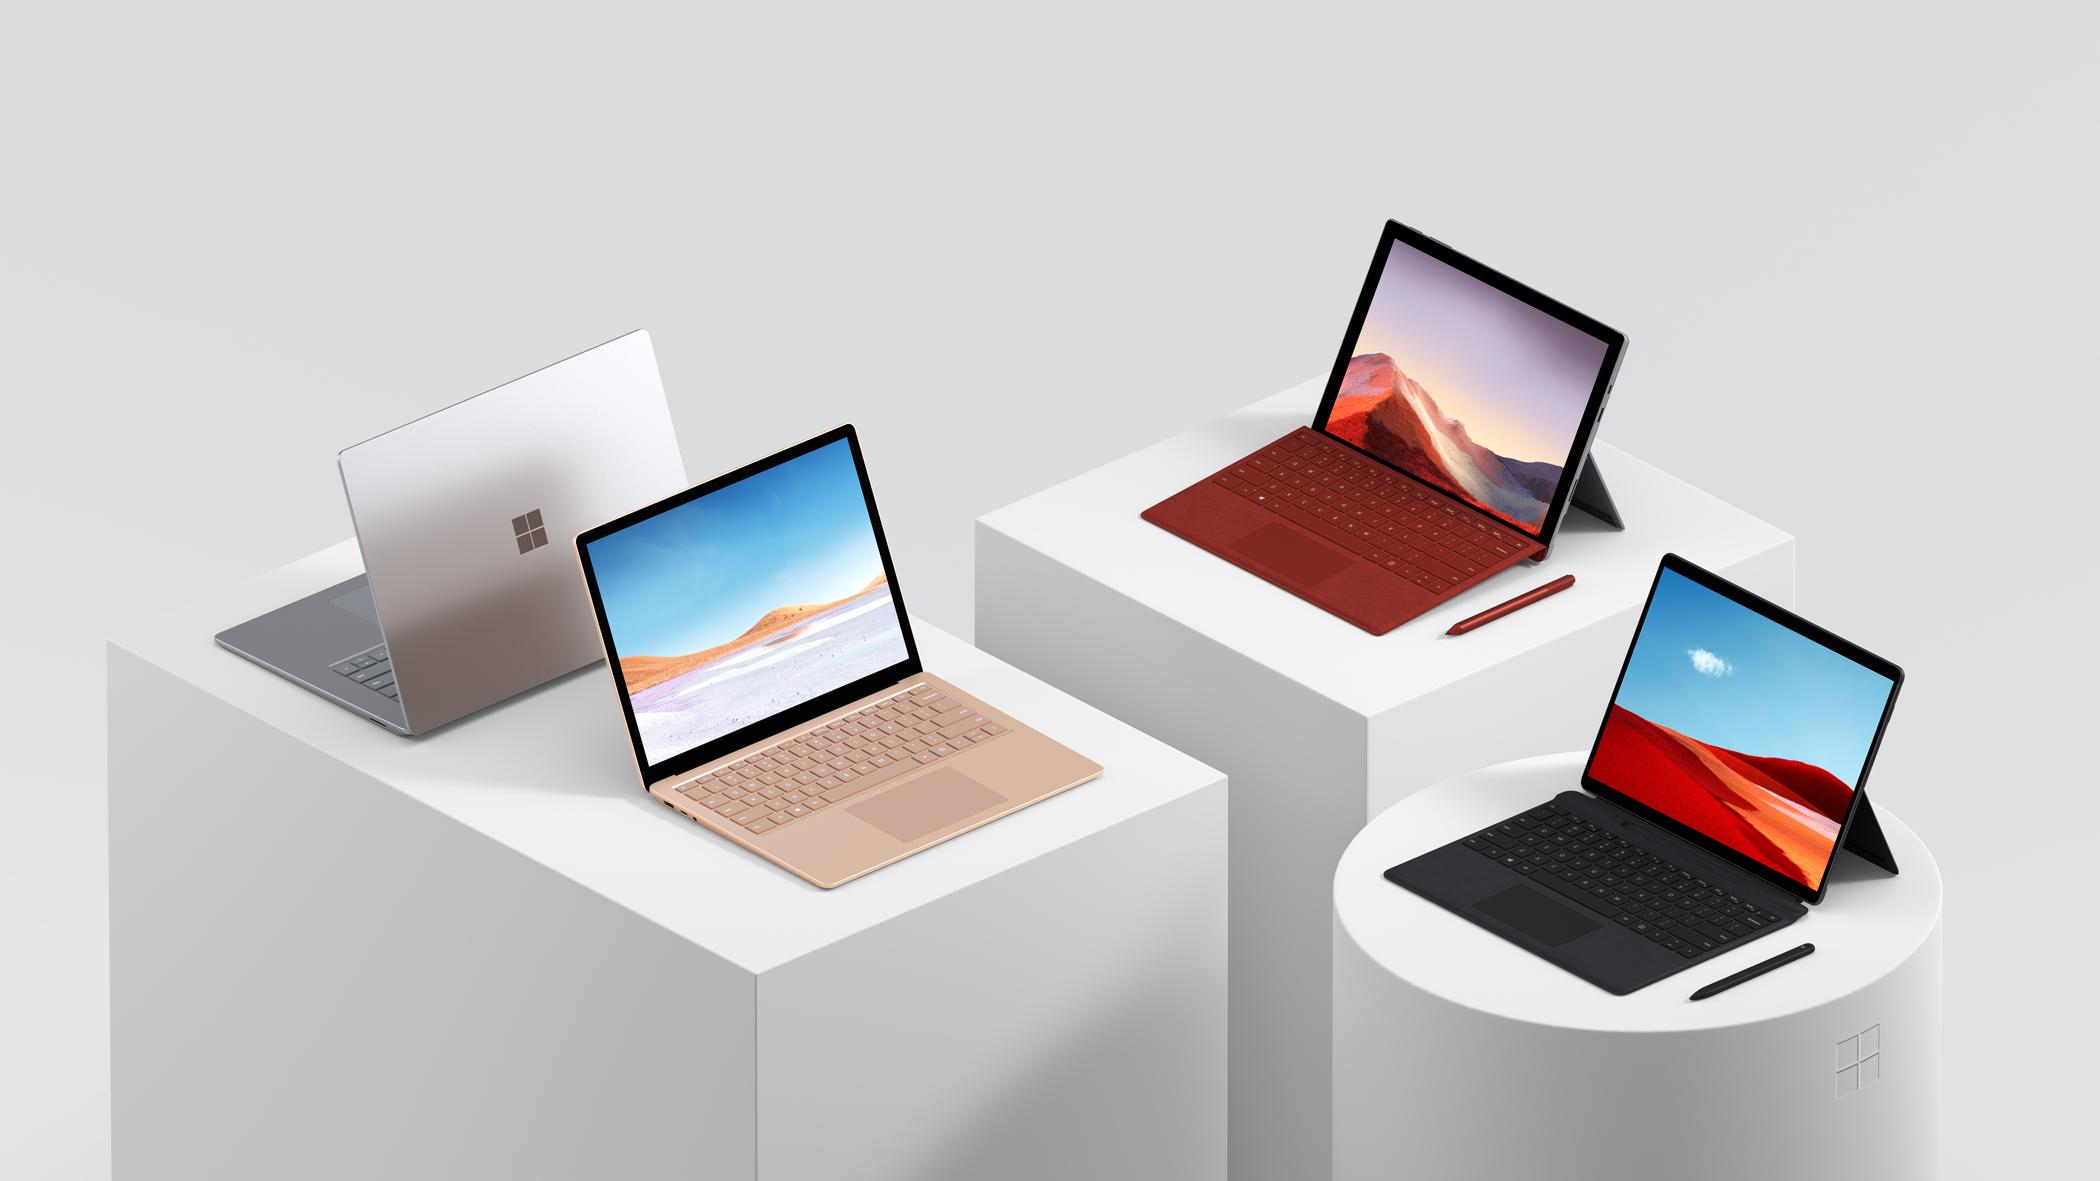 Surface fait partie du pari pour Windows 10